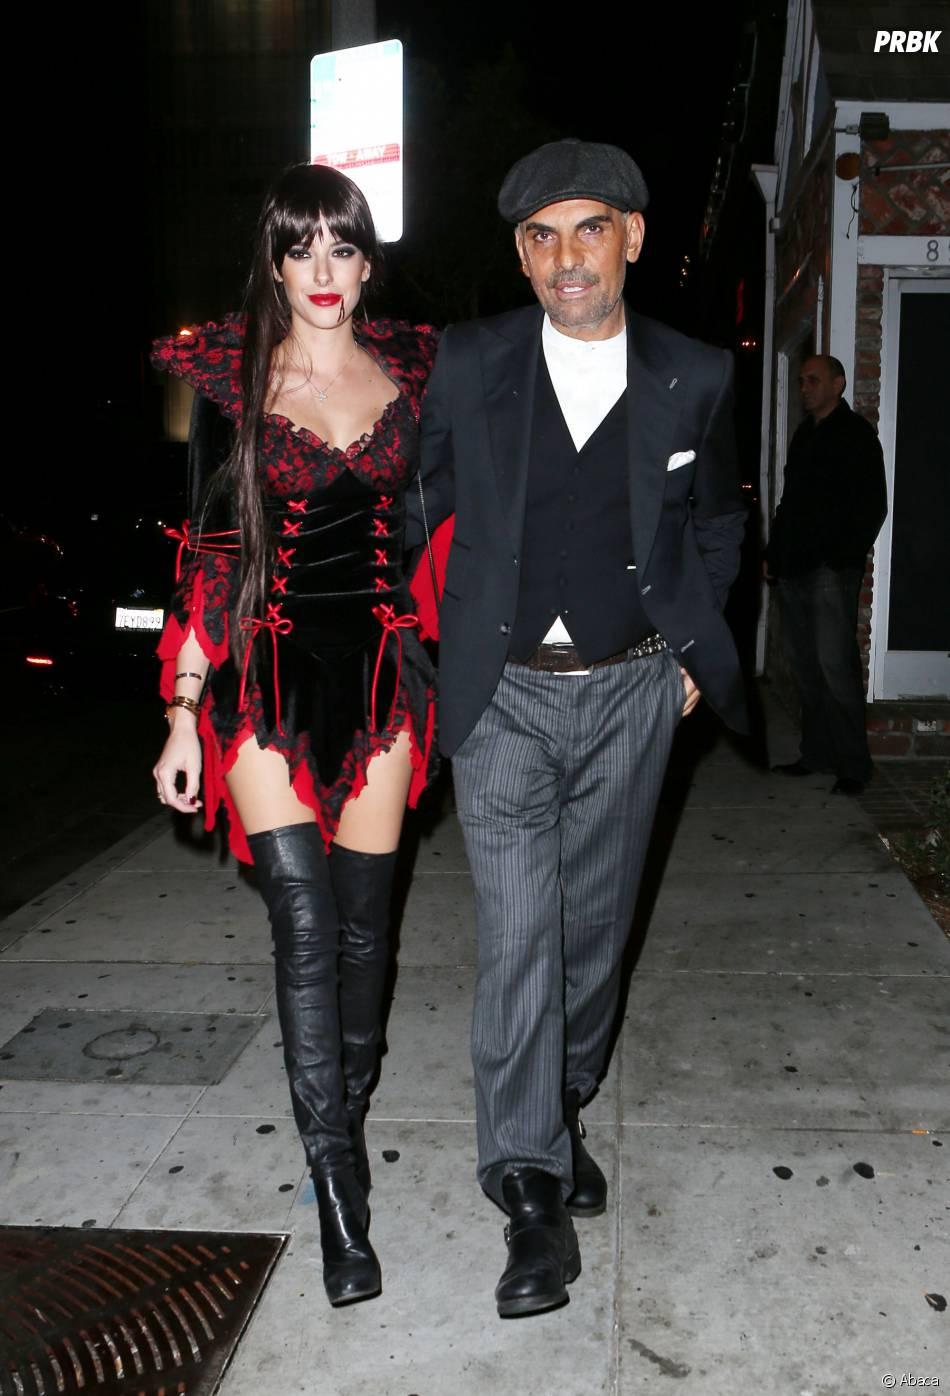 Christian Audigier et sa femme sexy Ira à Halloween 2014